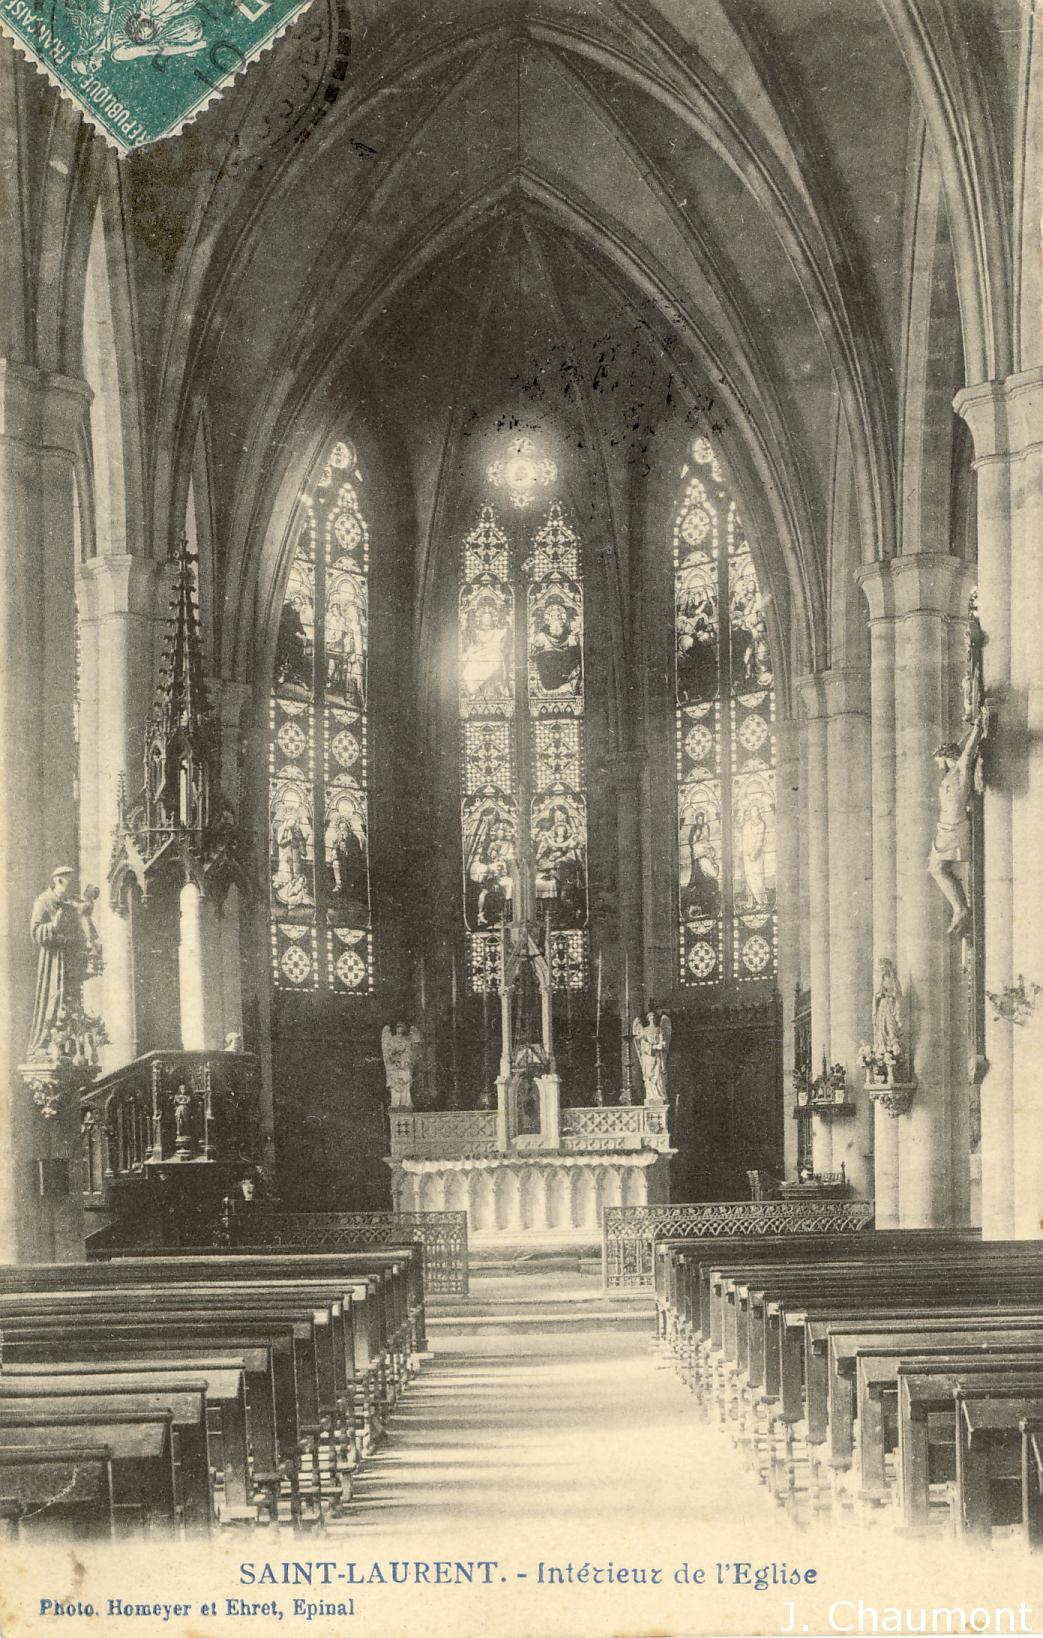 L'Intérieur de l'Eglise de Saint-Laurent en 1910